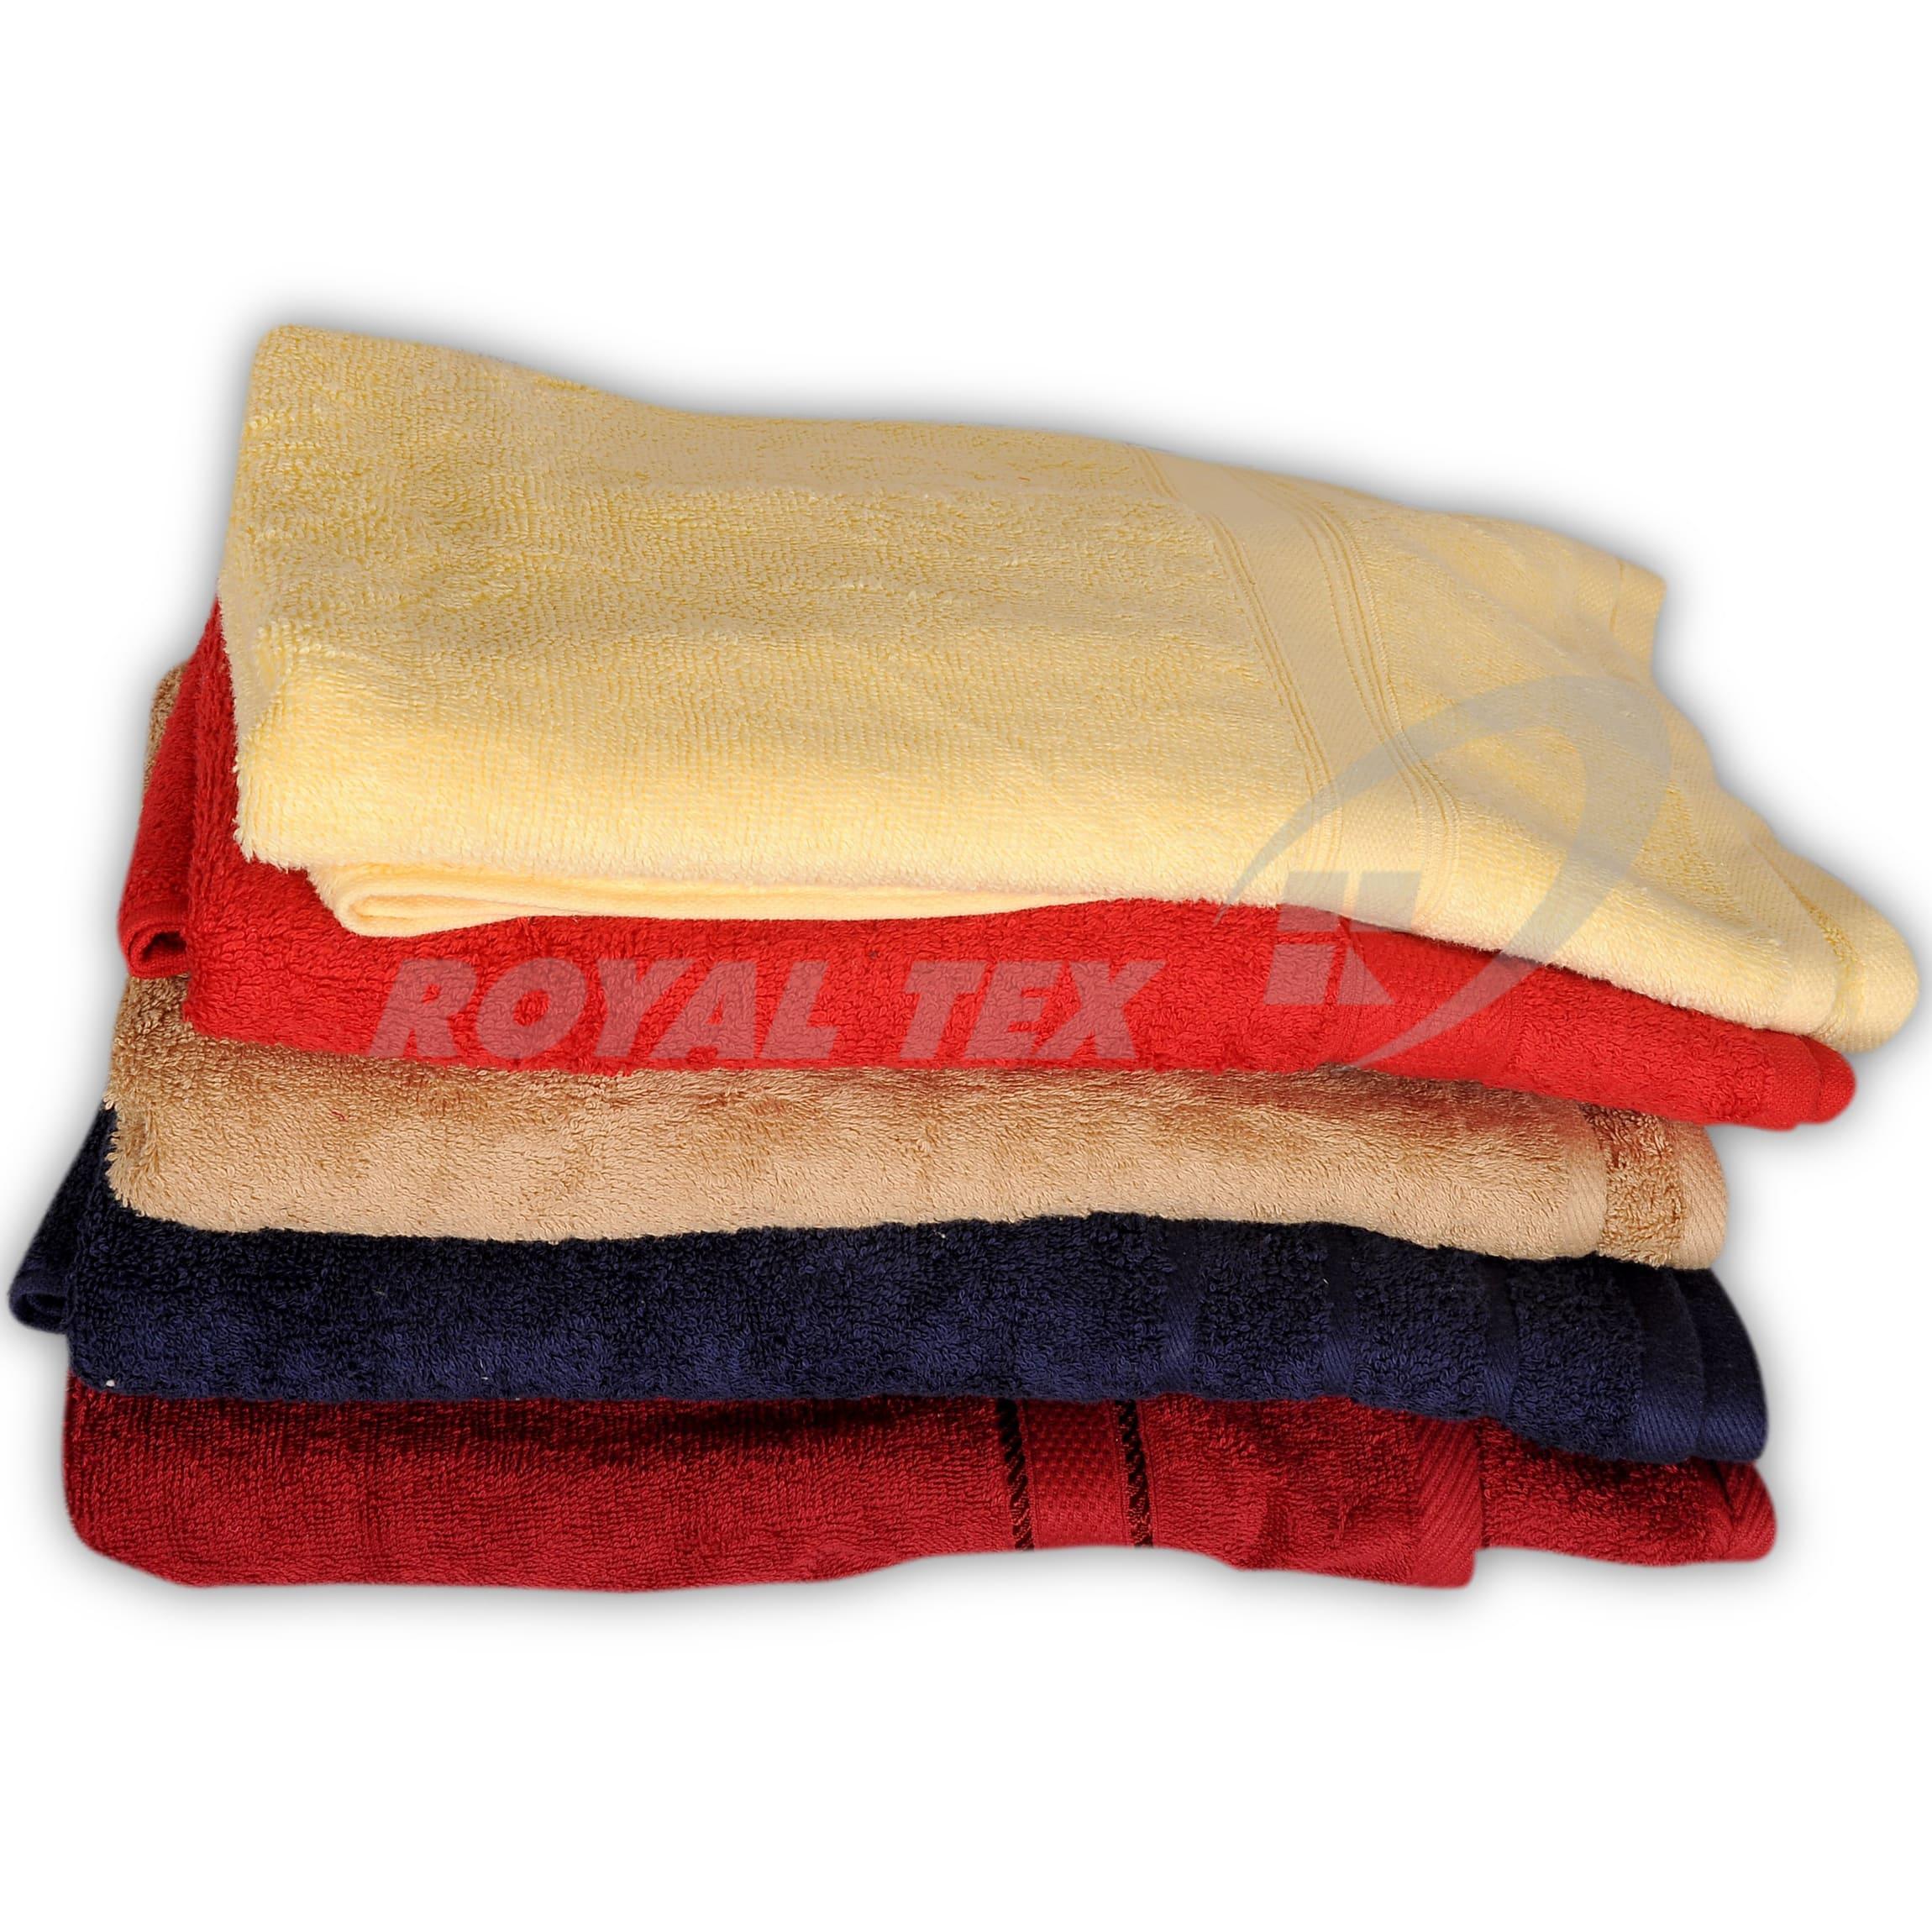 Bath Towel - Solid Color